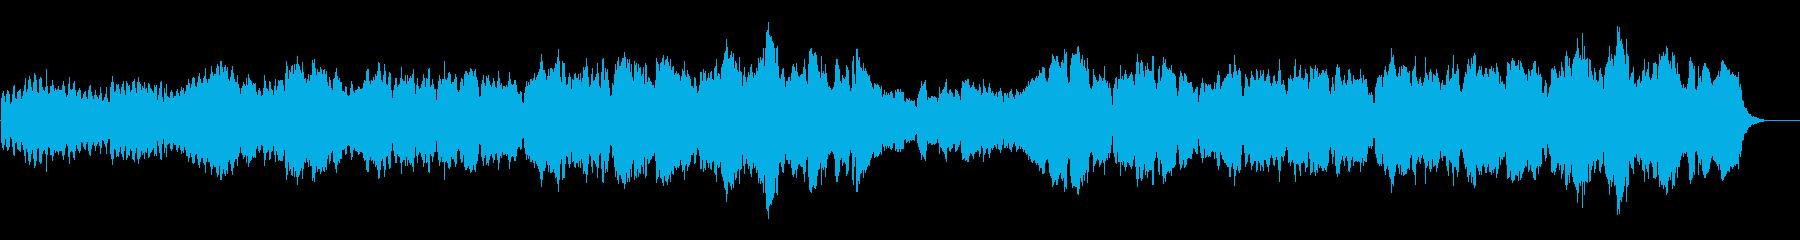 「アヴェ・マリア」TP&Organの再生済みの波形